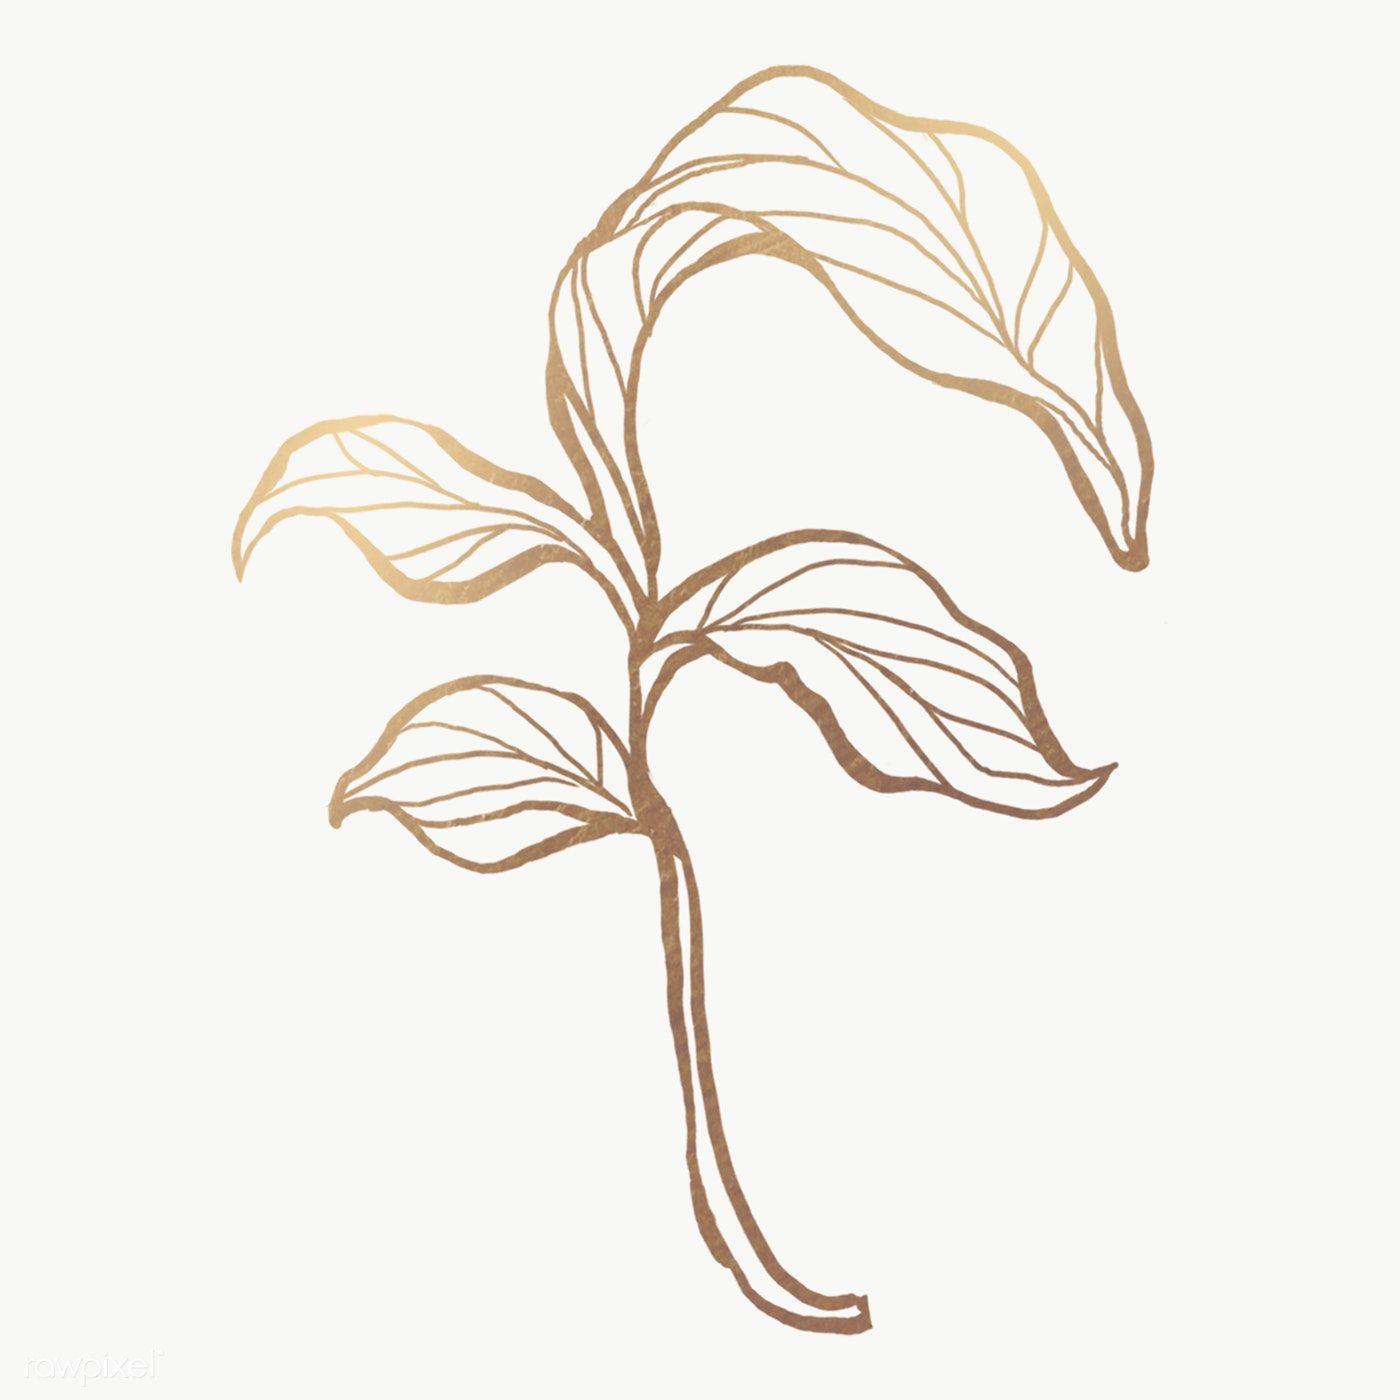 Detailed Golden Leaves Transparent Pg Premium Image By Rawpixel Com Nunny Golden Leaves Leaf Outline Photoshop Images